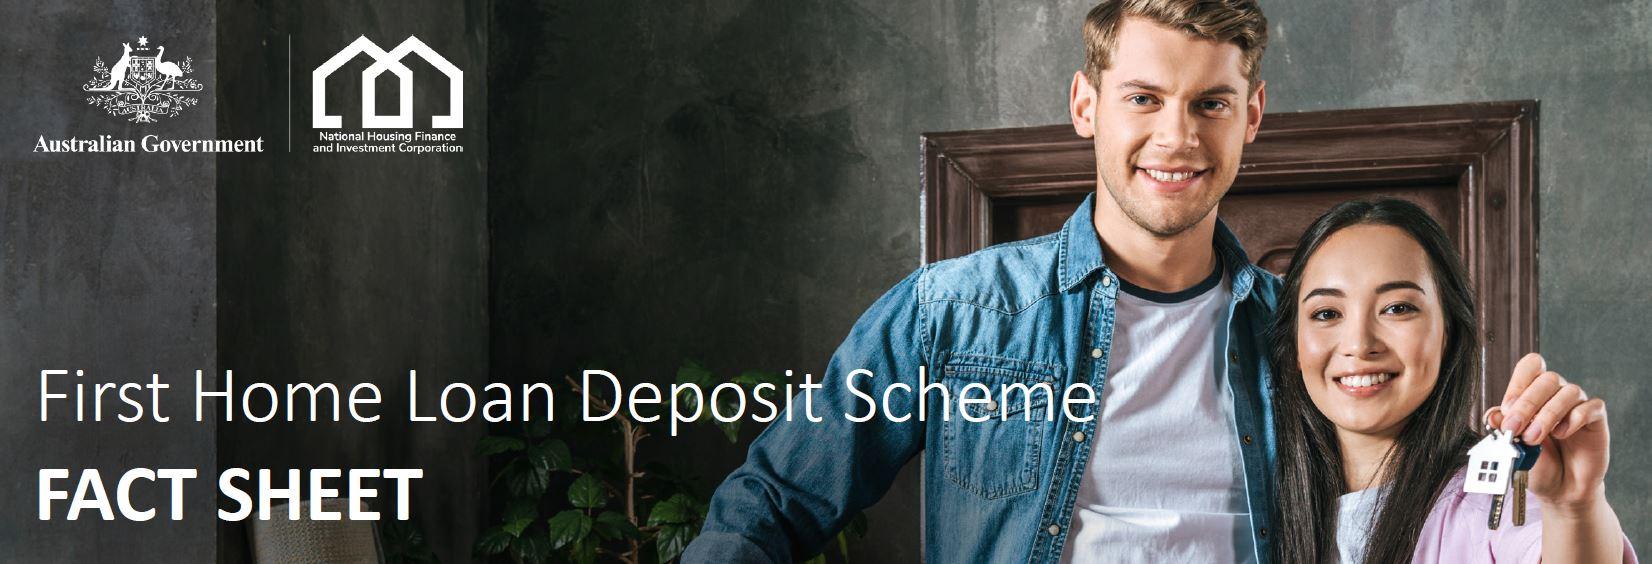 First Home Loan Deposit Scheme - FACT SHEETq